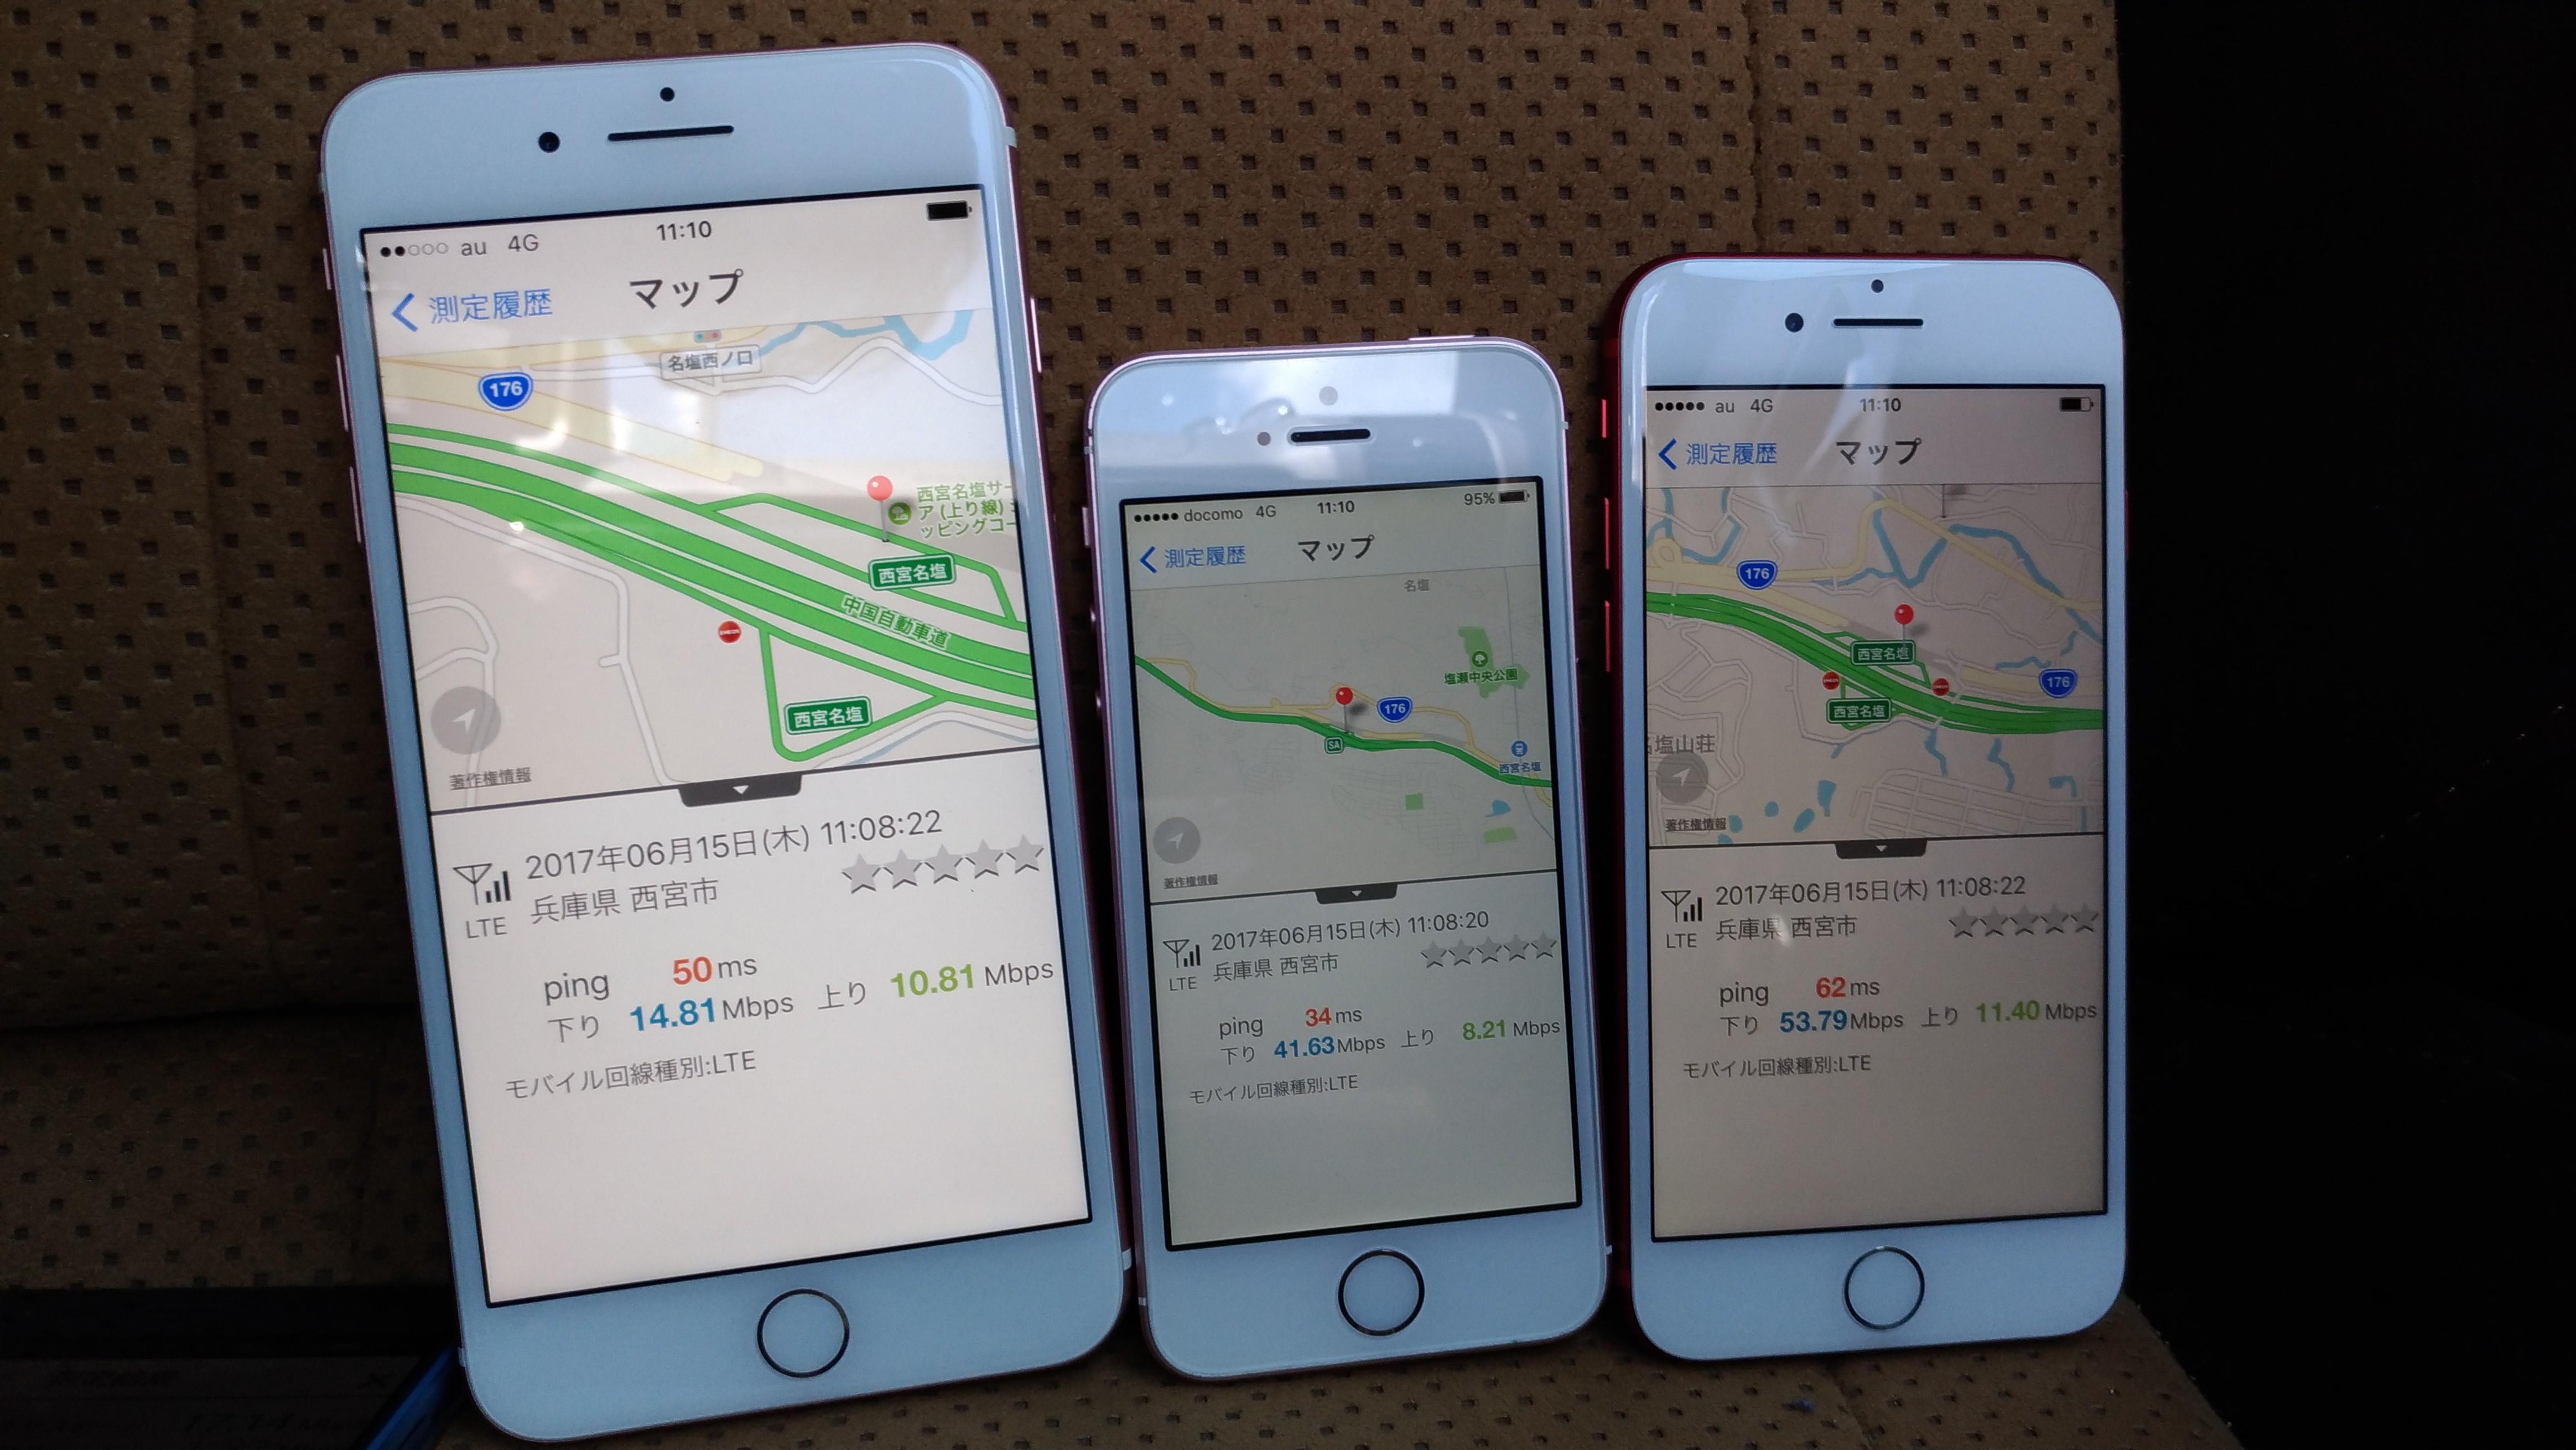 中国自動車「名塩SA(上り)」にて通信速度を計測